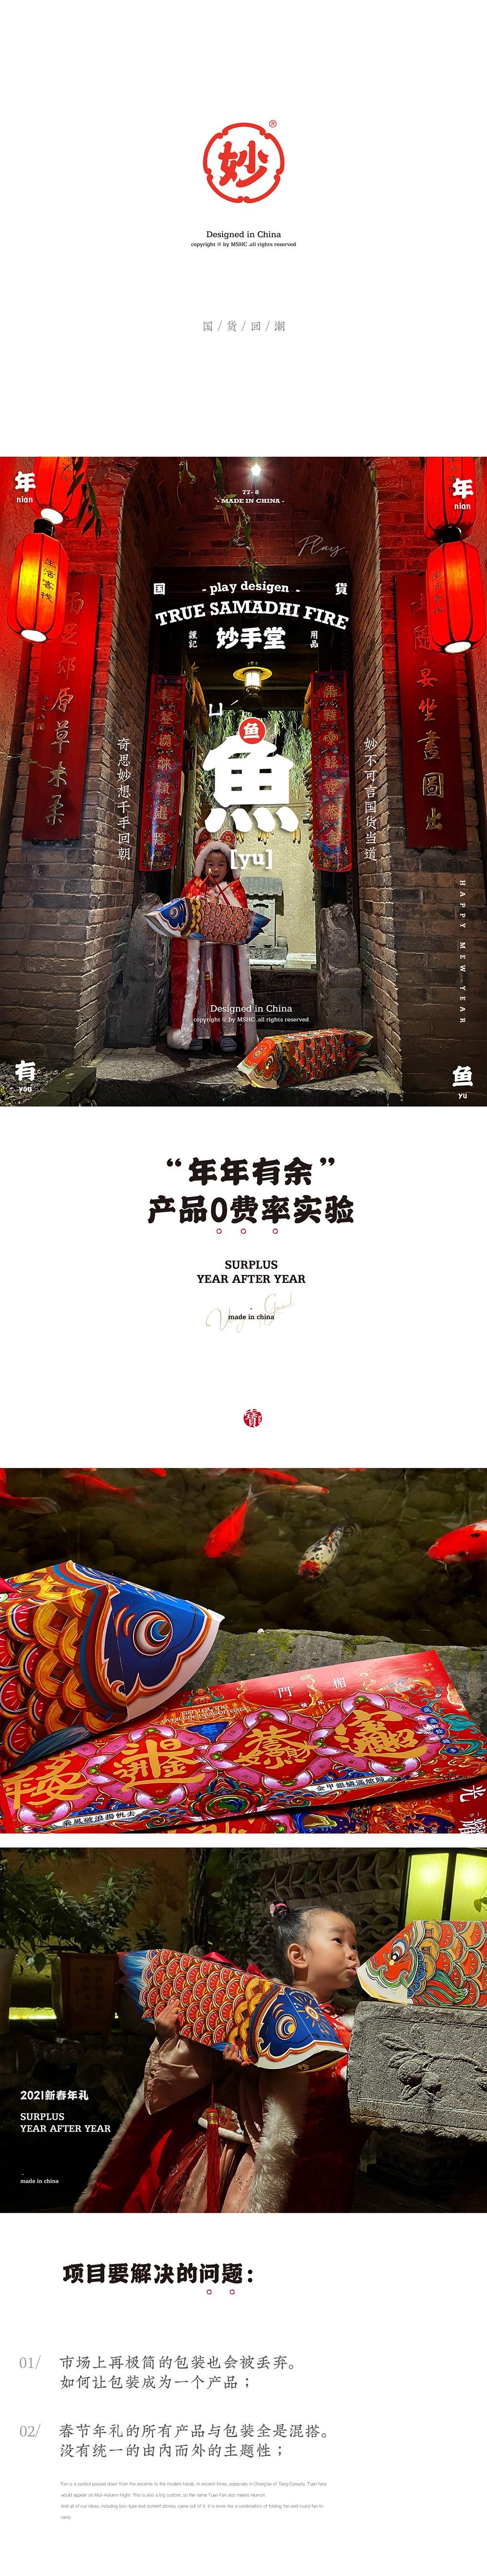 """年年有""""鱼"""" - surplus year after year"""